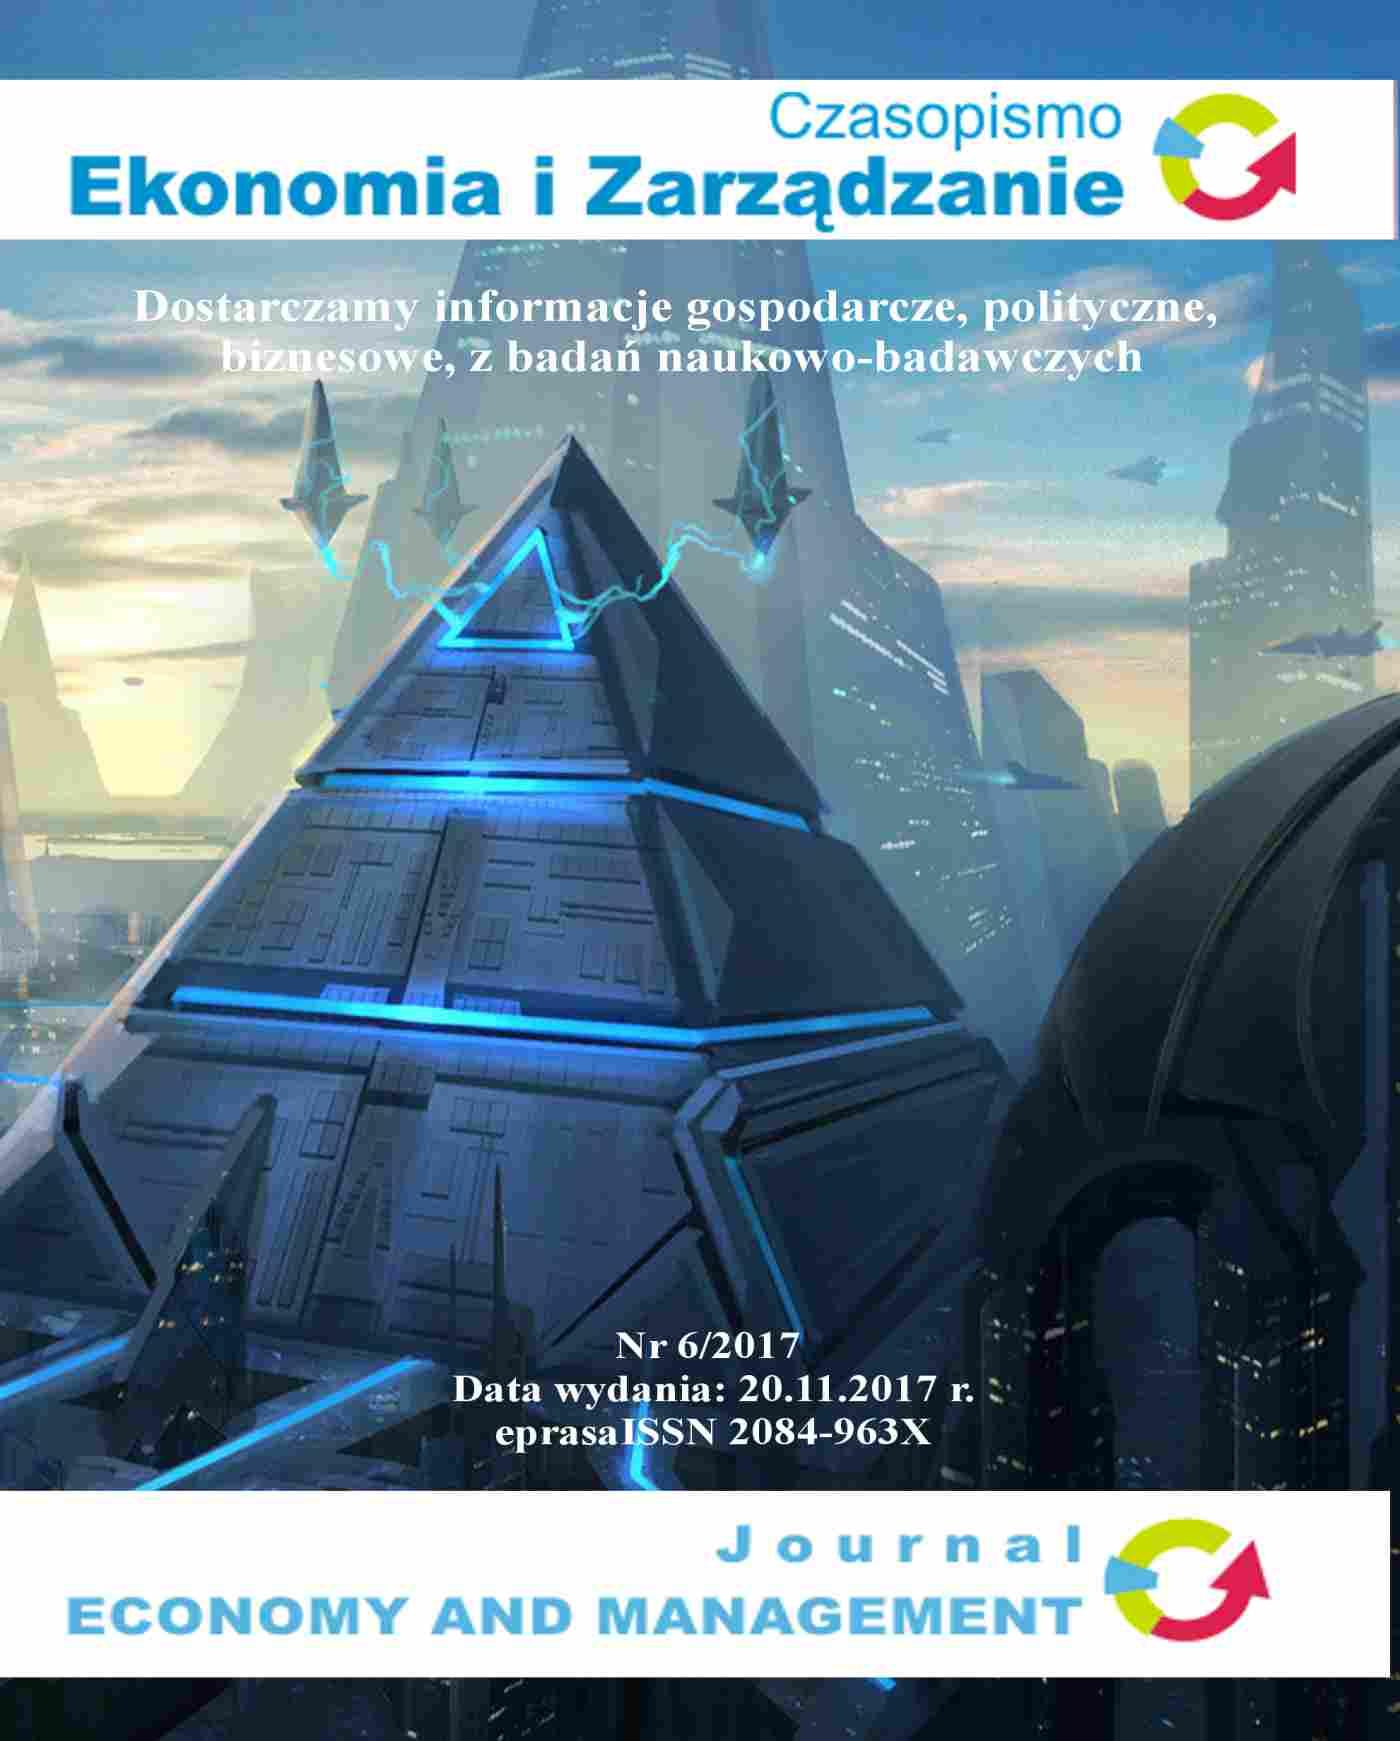 Czasopismo Ekonomia i Zarządzanie nr 6/2017 - Ebook (Książka PDF) do pobrania w formacie PDF